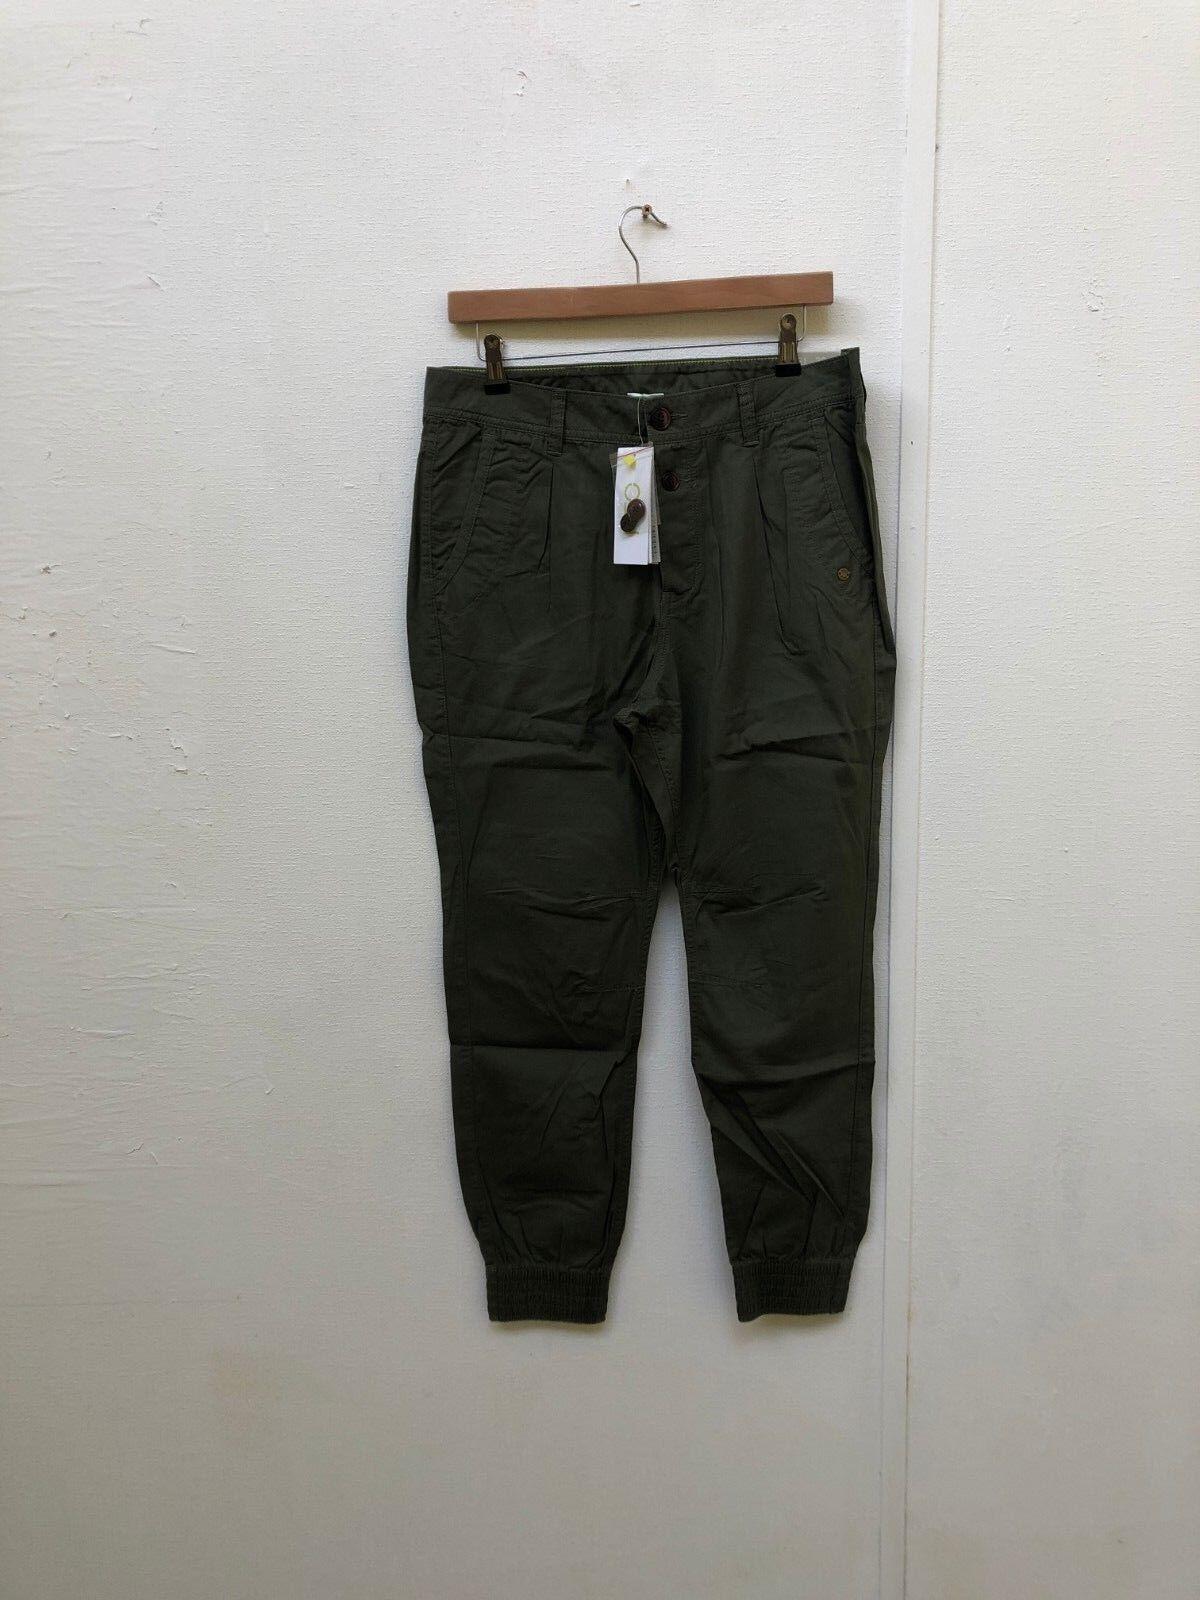 Pantalon de pêche pour femme adidas NEO - W31 L30 - Vert kaki - Nouveau